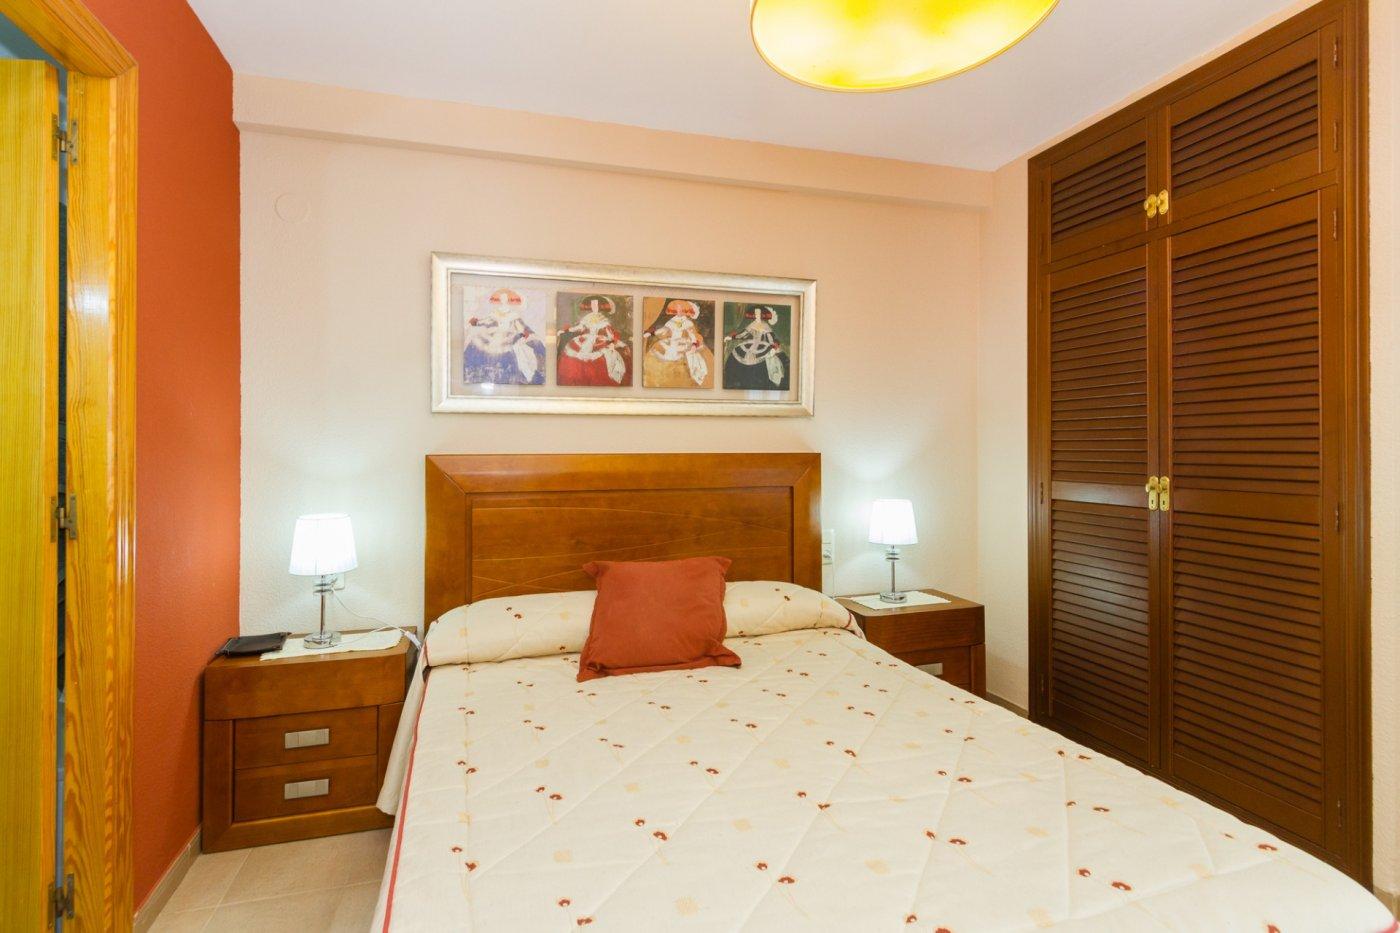 Venta de apartamento en xeraco - imagenInmueble16